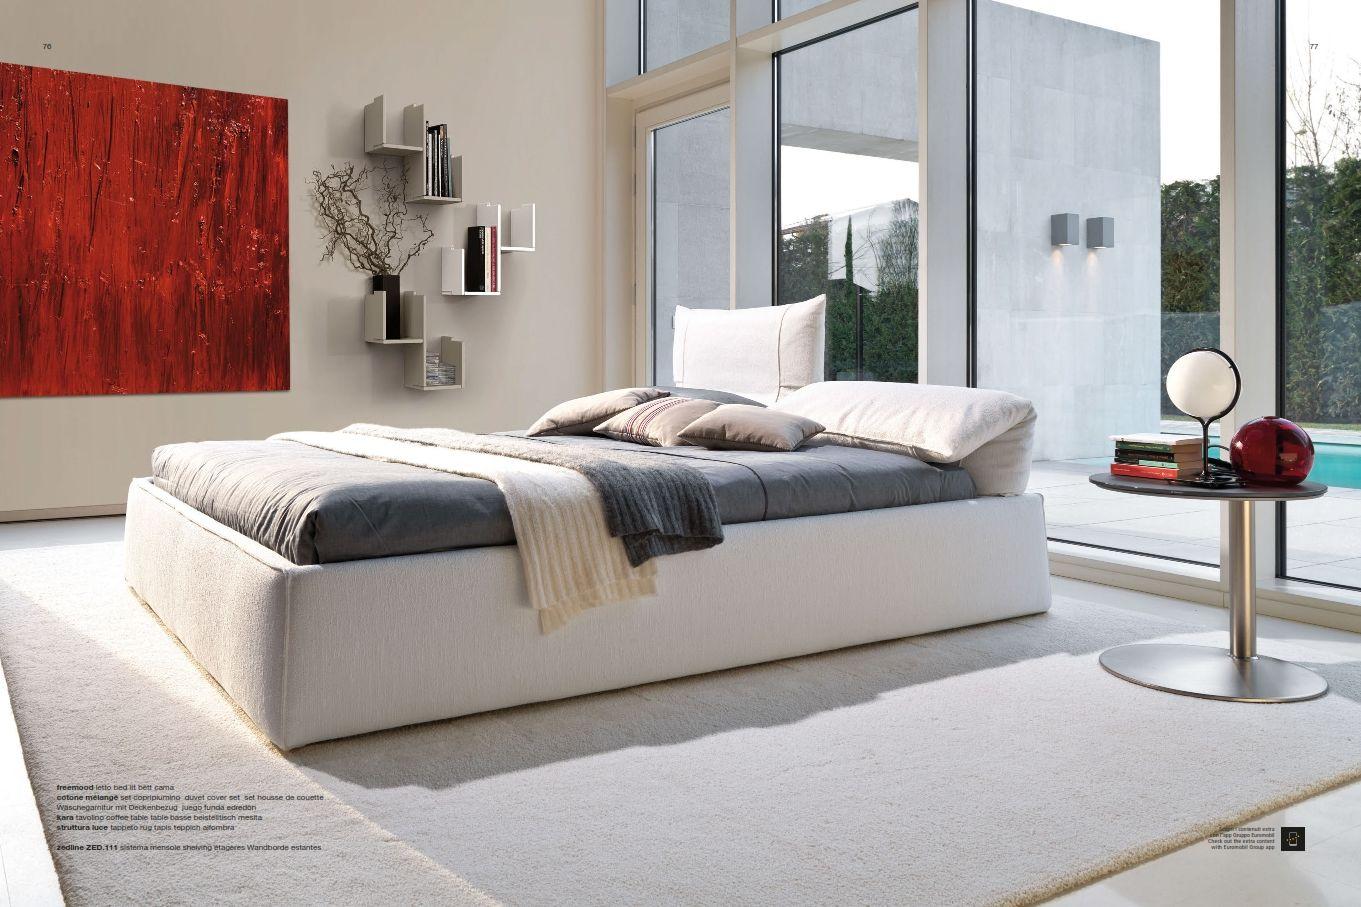 öko möbel schlafzimmer leder schlafzimmer leder schlafzimmer desiree serie